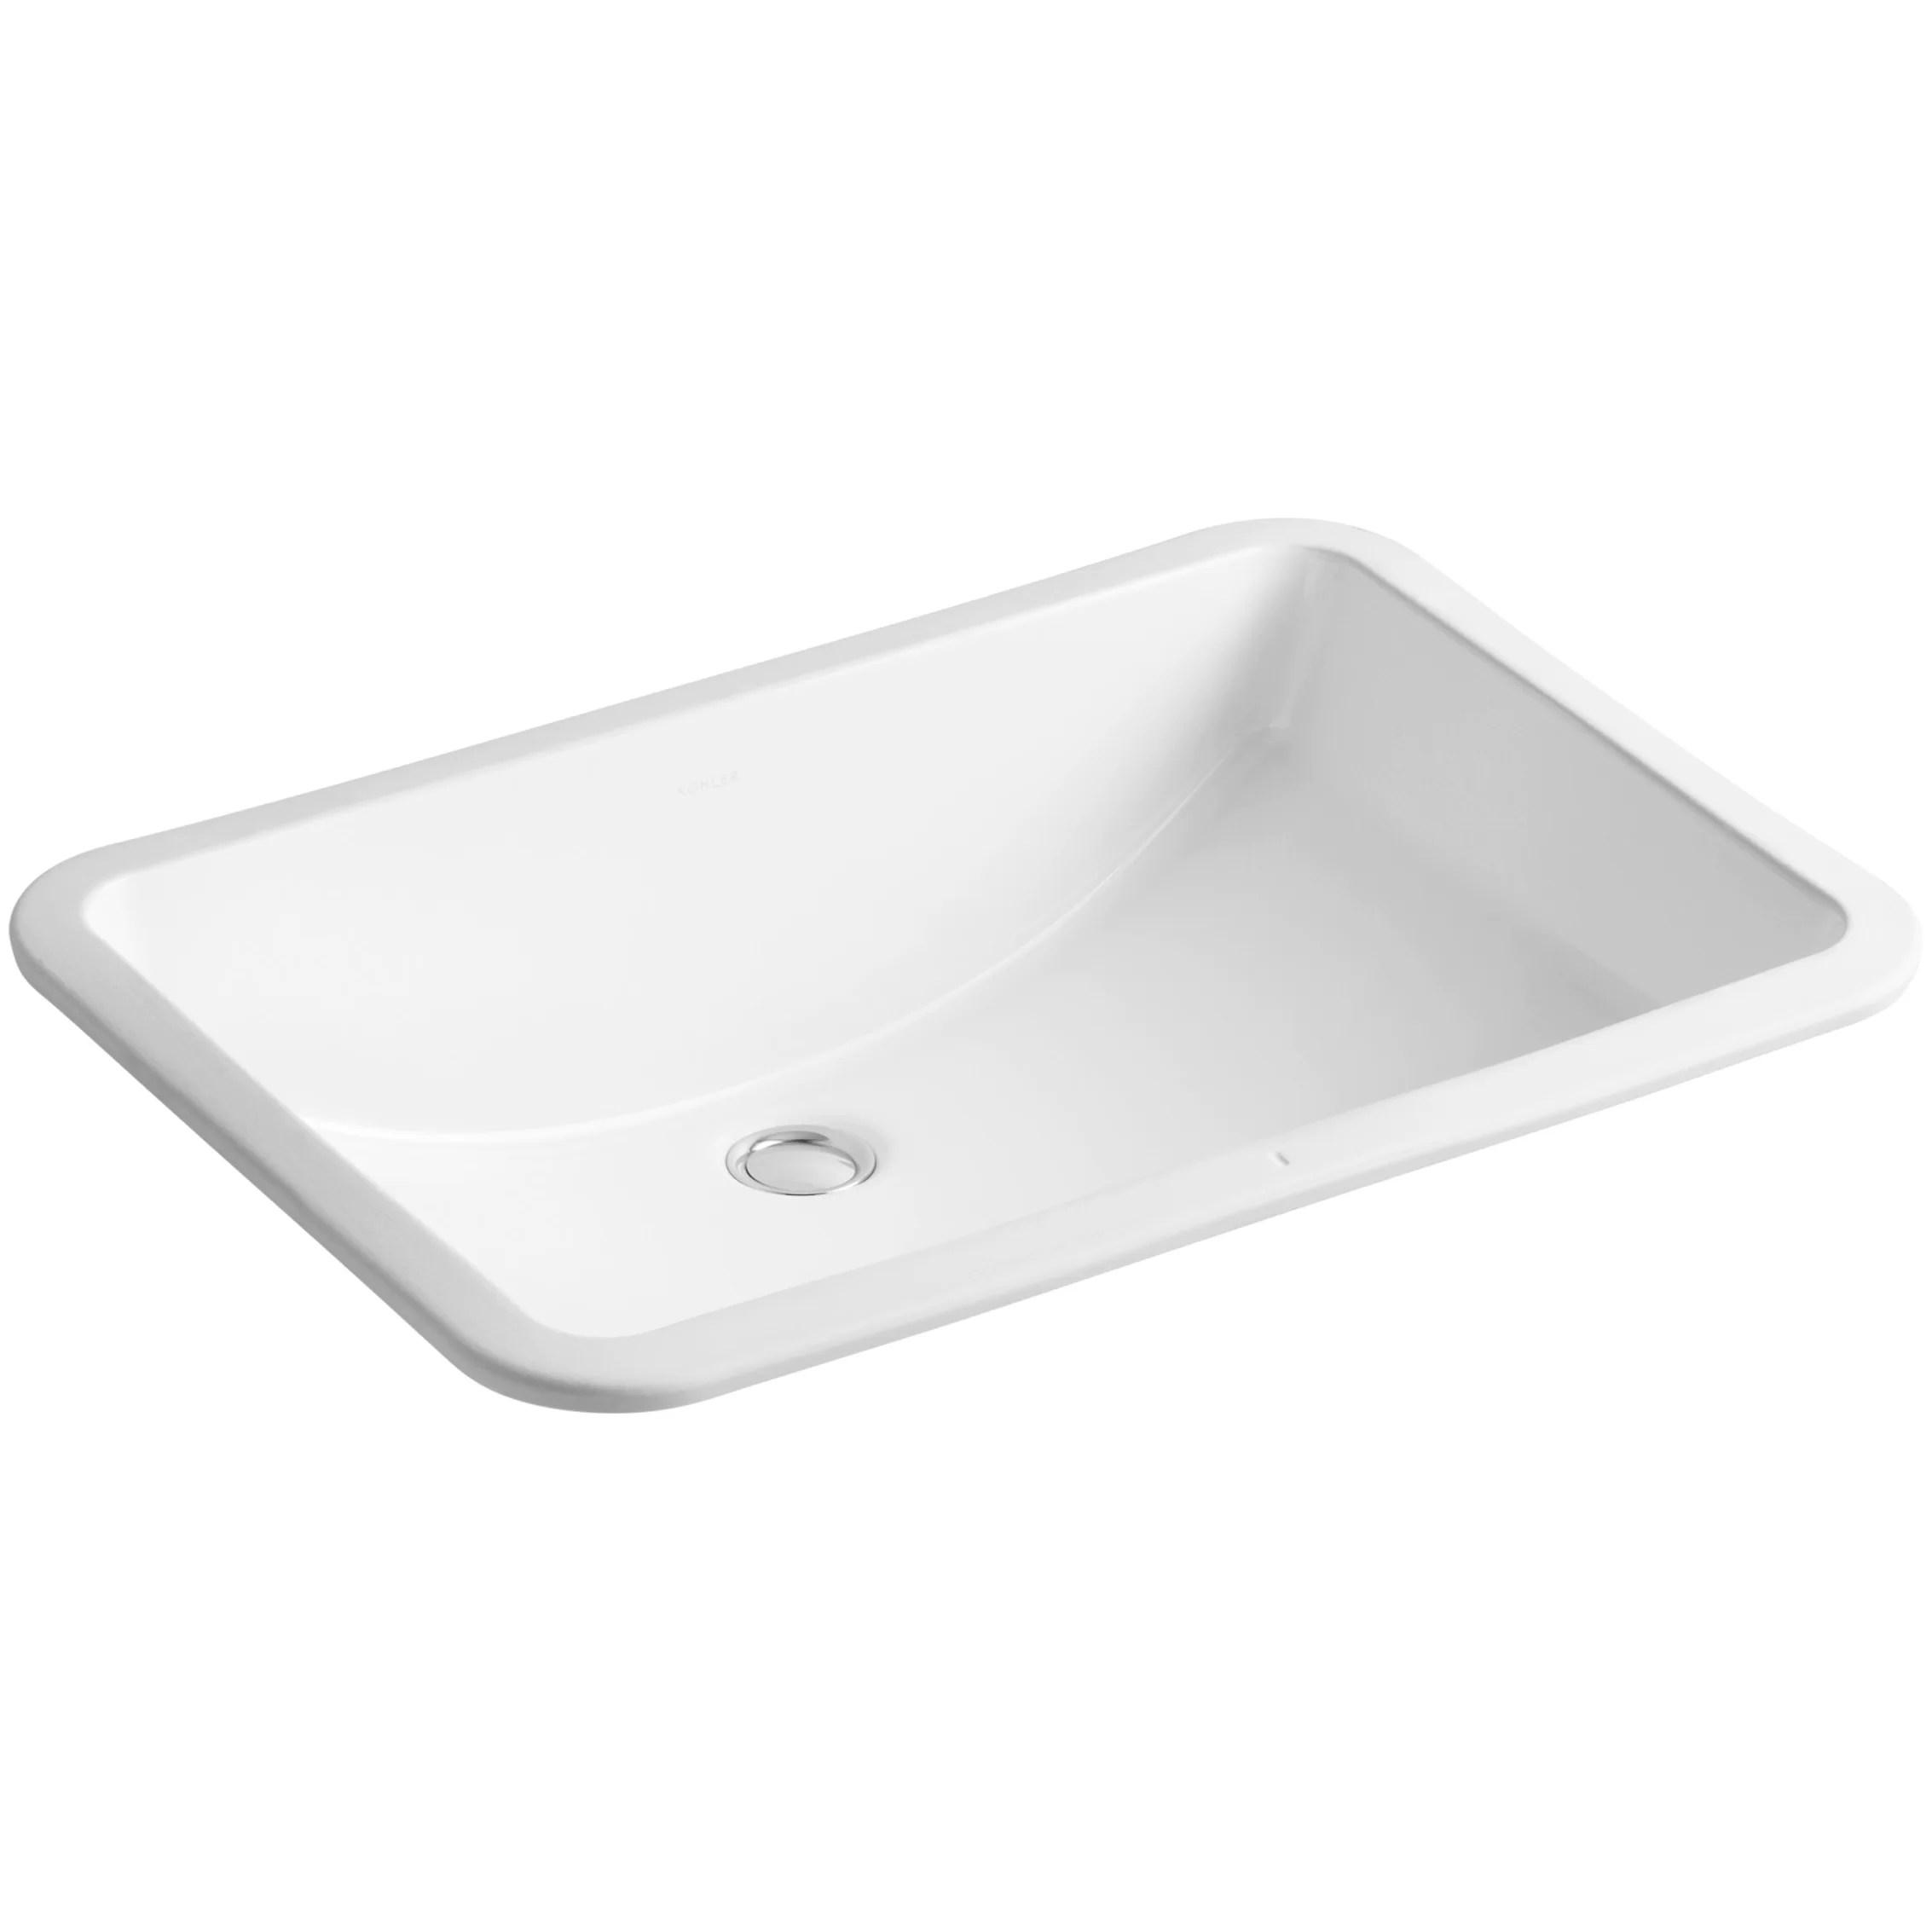 Kohler Ladena Undermount Bathroom Sink  Reviews  Wayfair